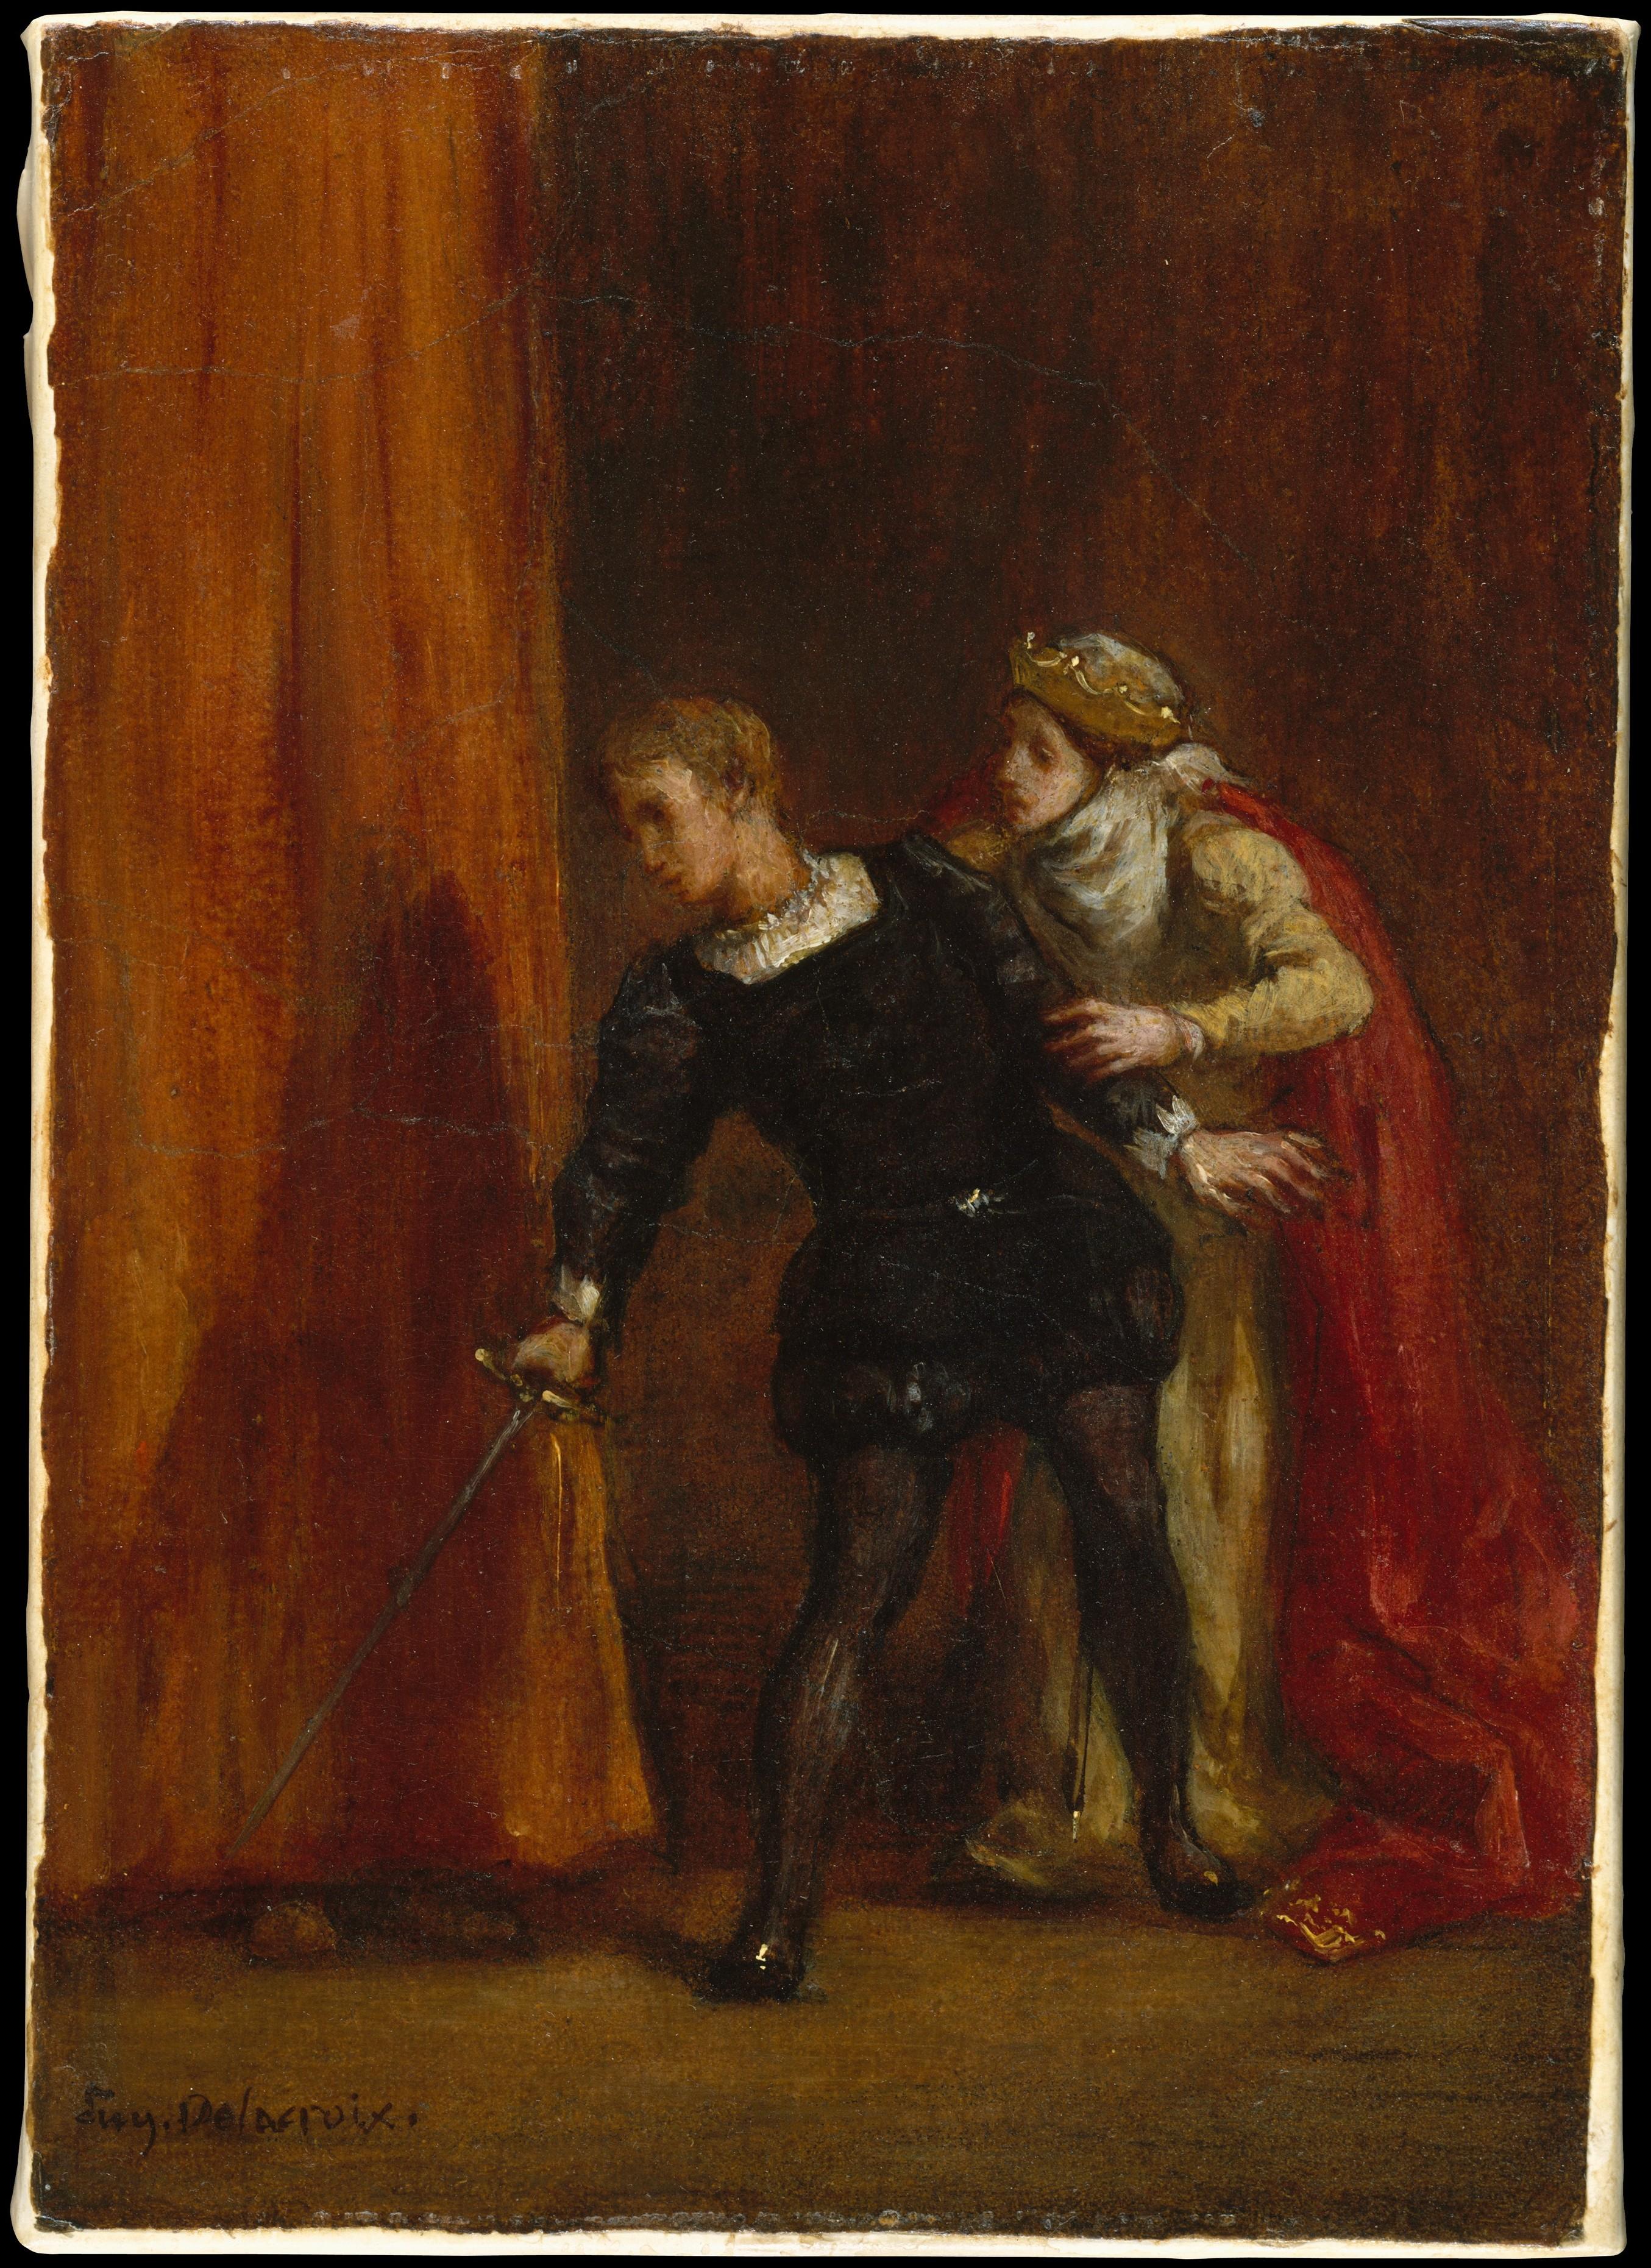 Eugène Delacroix | Hamlet and His Mother | The Met